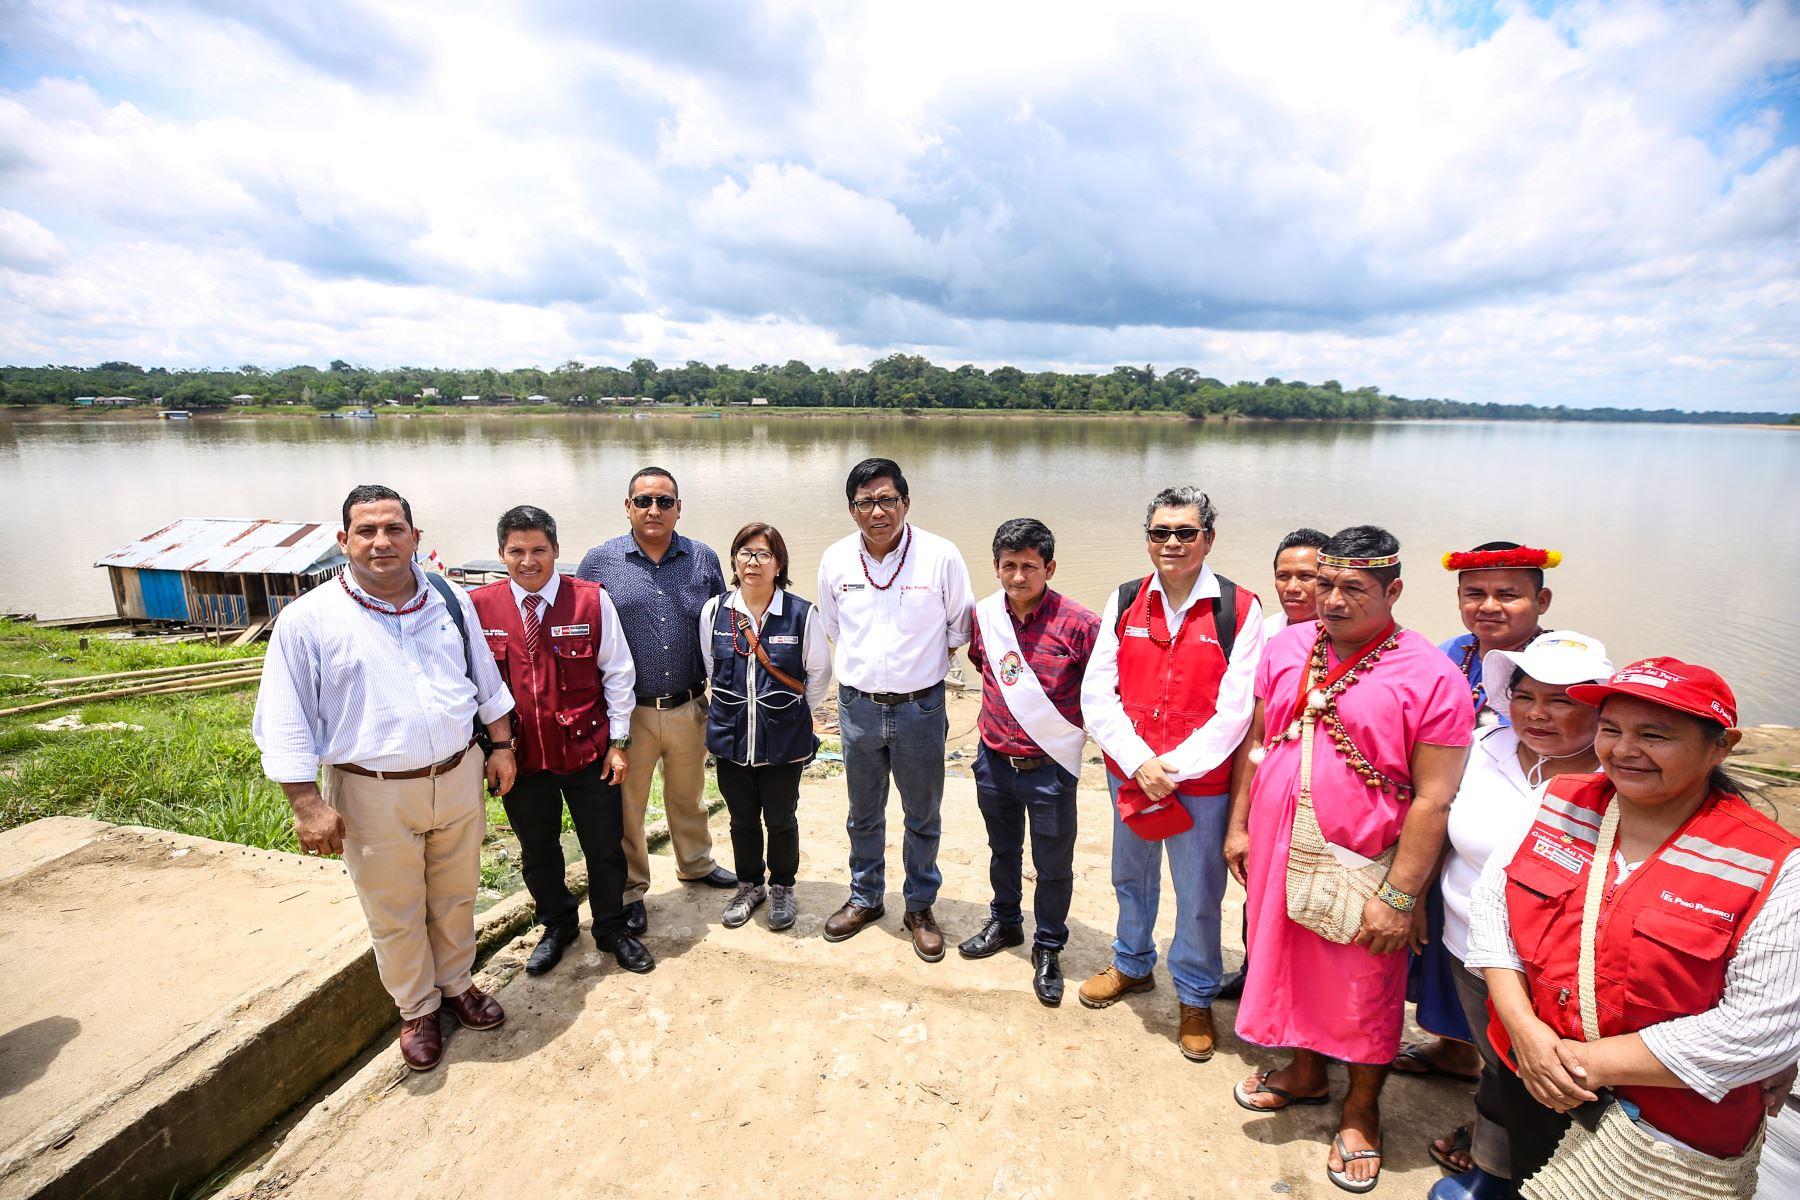 El titular de la Presidencia del Consejo de Ministros,  Vicente Zeballos llega a la ciudad de Iquitos para dirigirse a la provincia de Putumayo, donde supervisará el funcionamiento de diversos servicios públicos. Foto: PCM